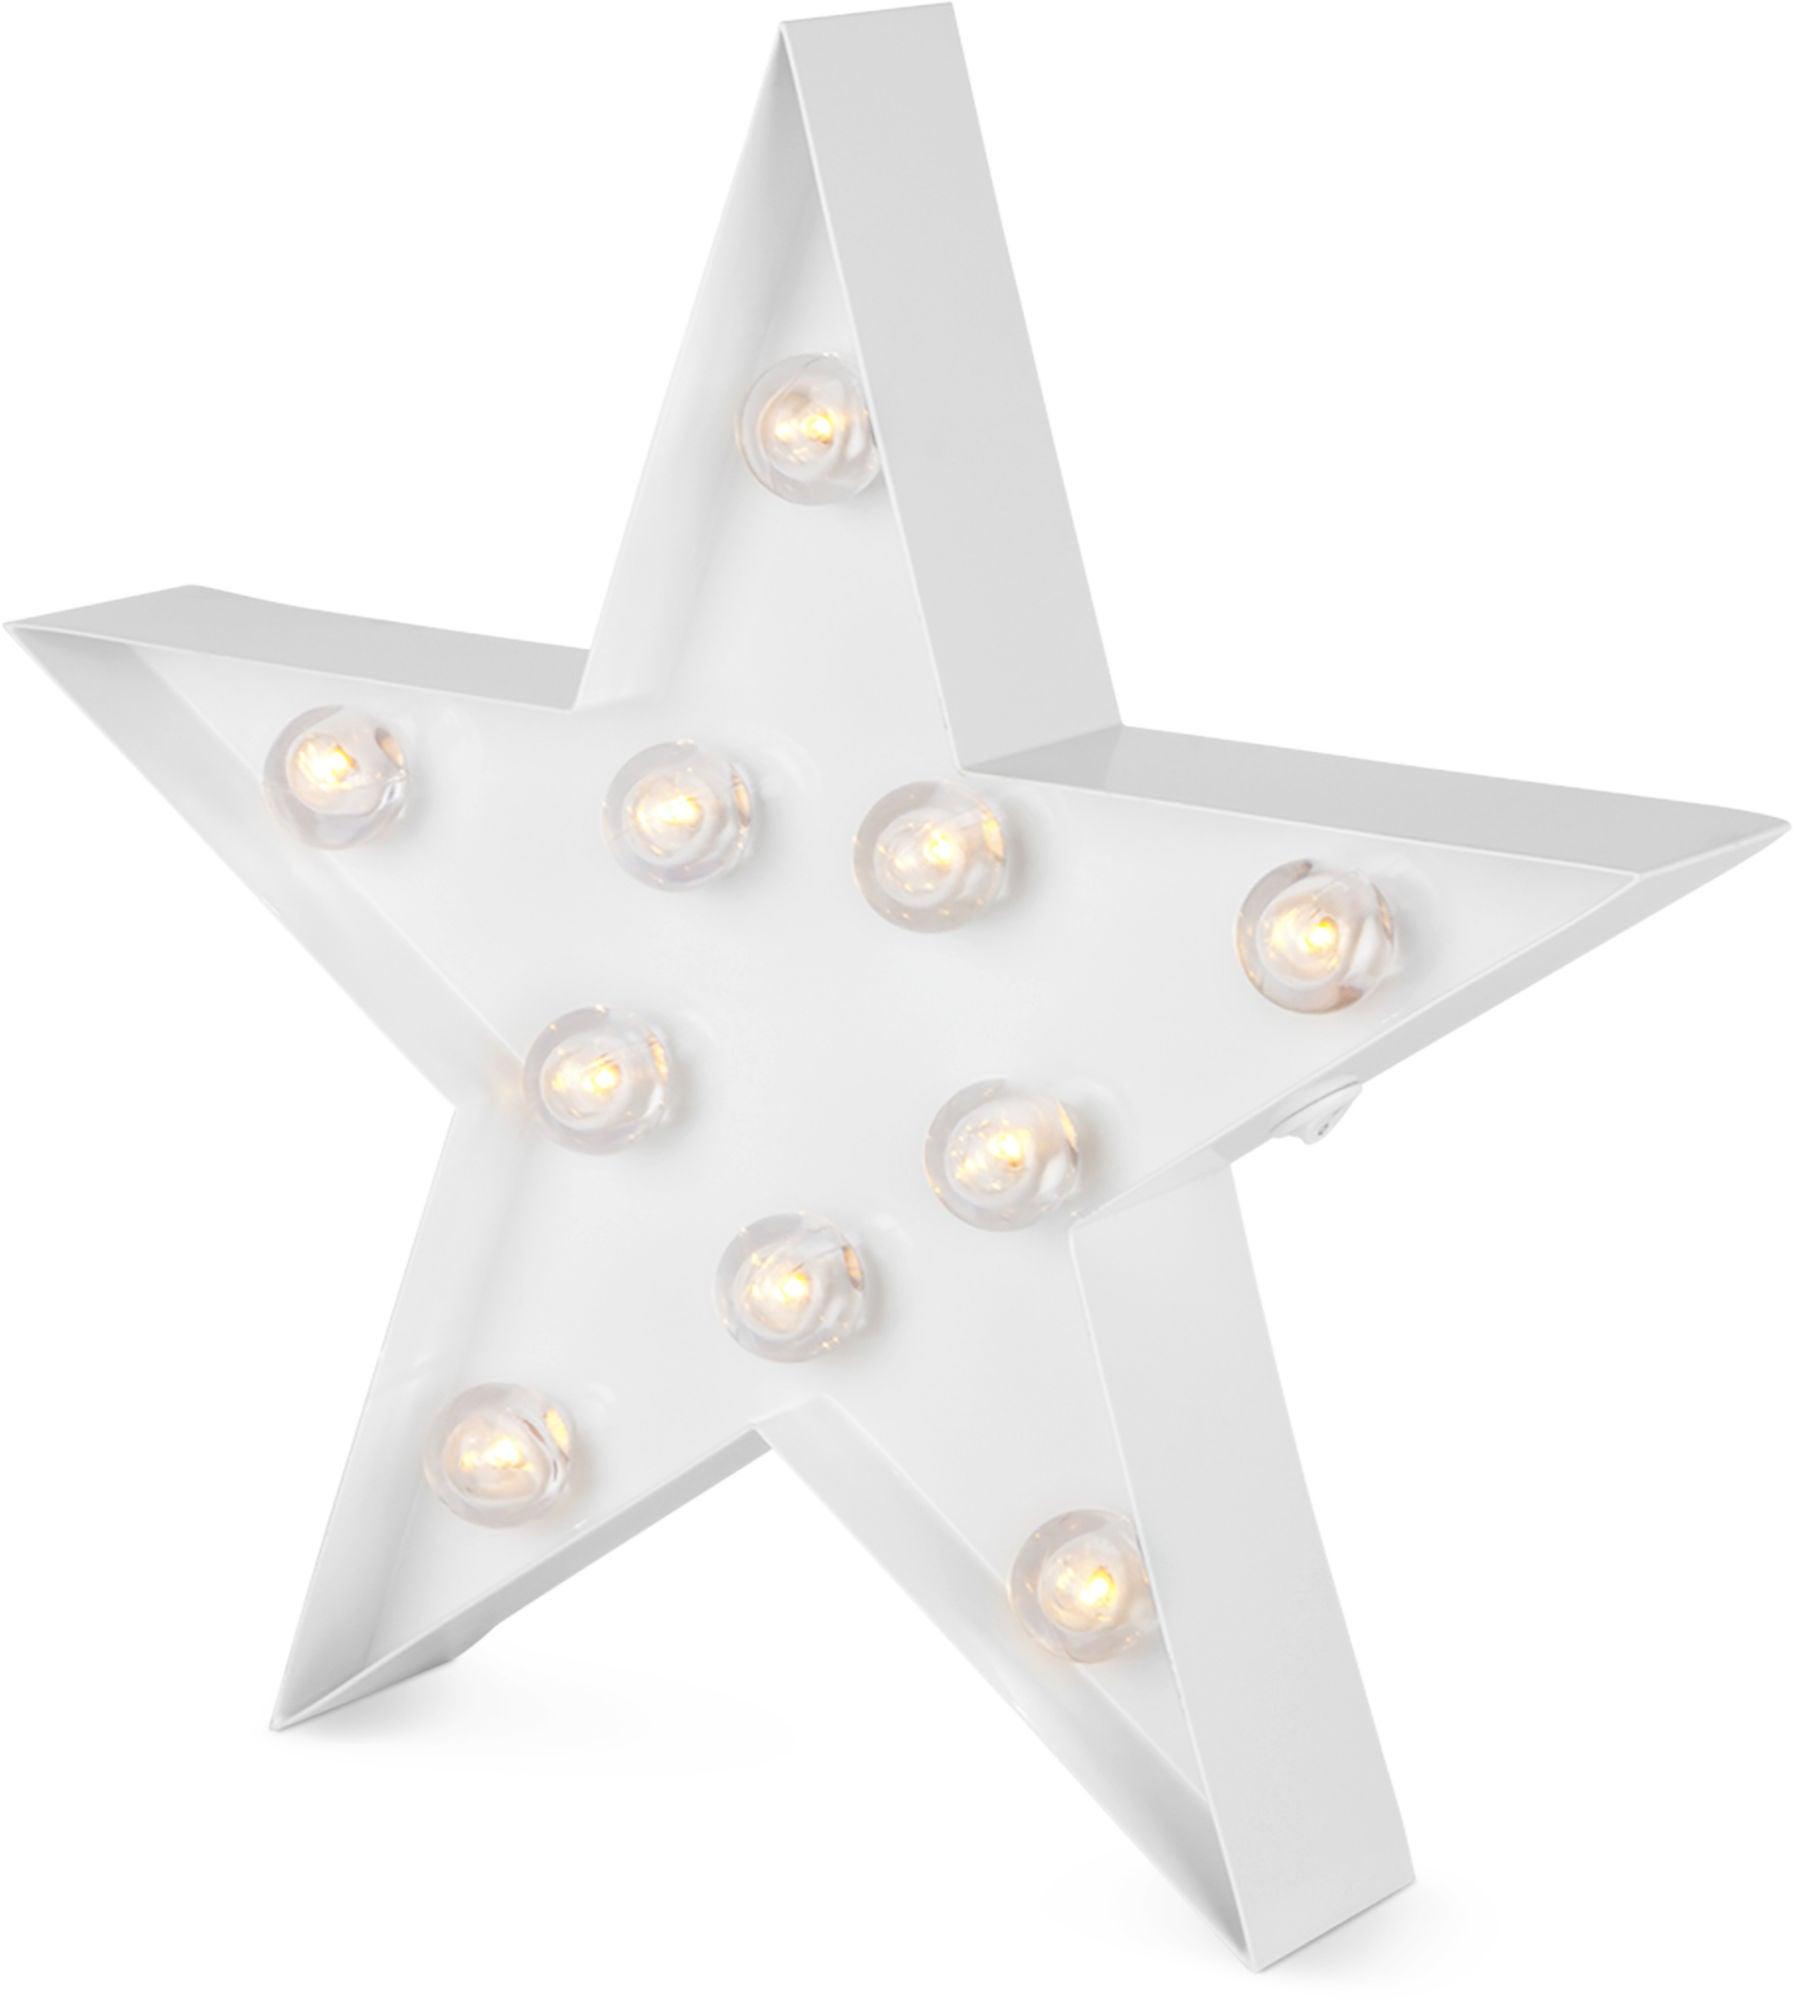 Alice&Fox Bokstavlampe Stjerne, Hvit